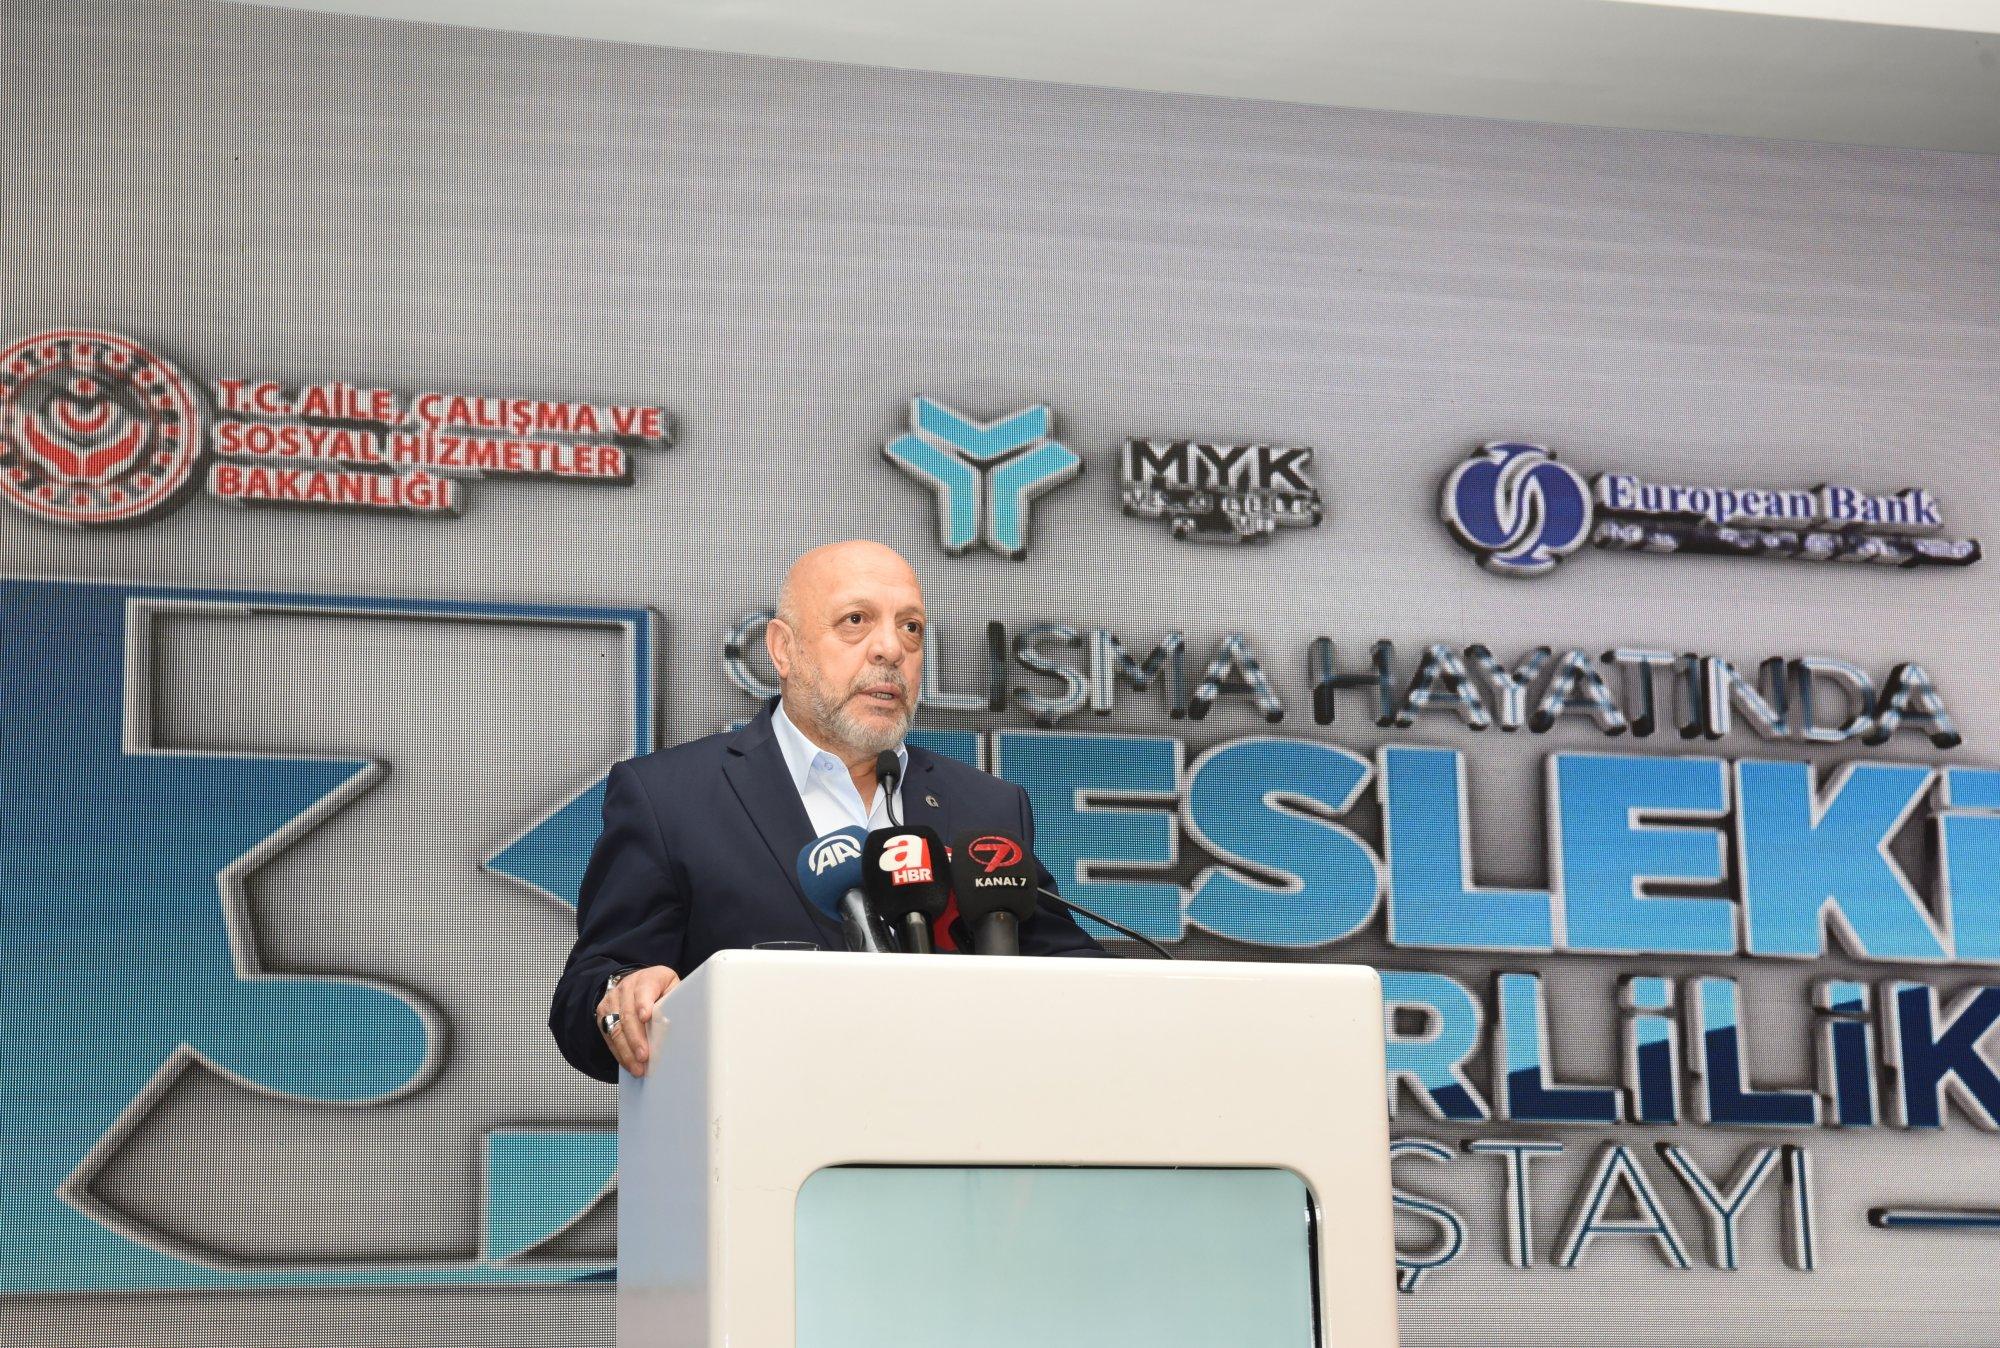 ARSLAN, ÇALIŞMA HAYATINDA MESLEKİ YETERLİLİK 3. ÇALIŞTAYINA KATILDI